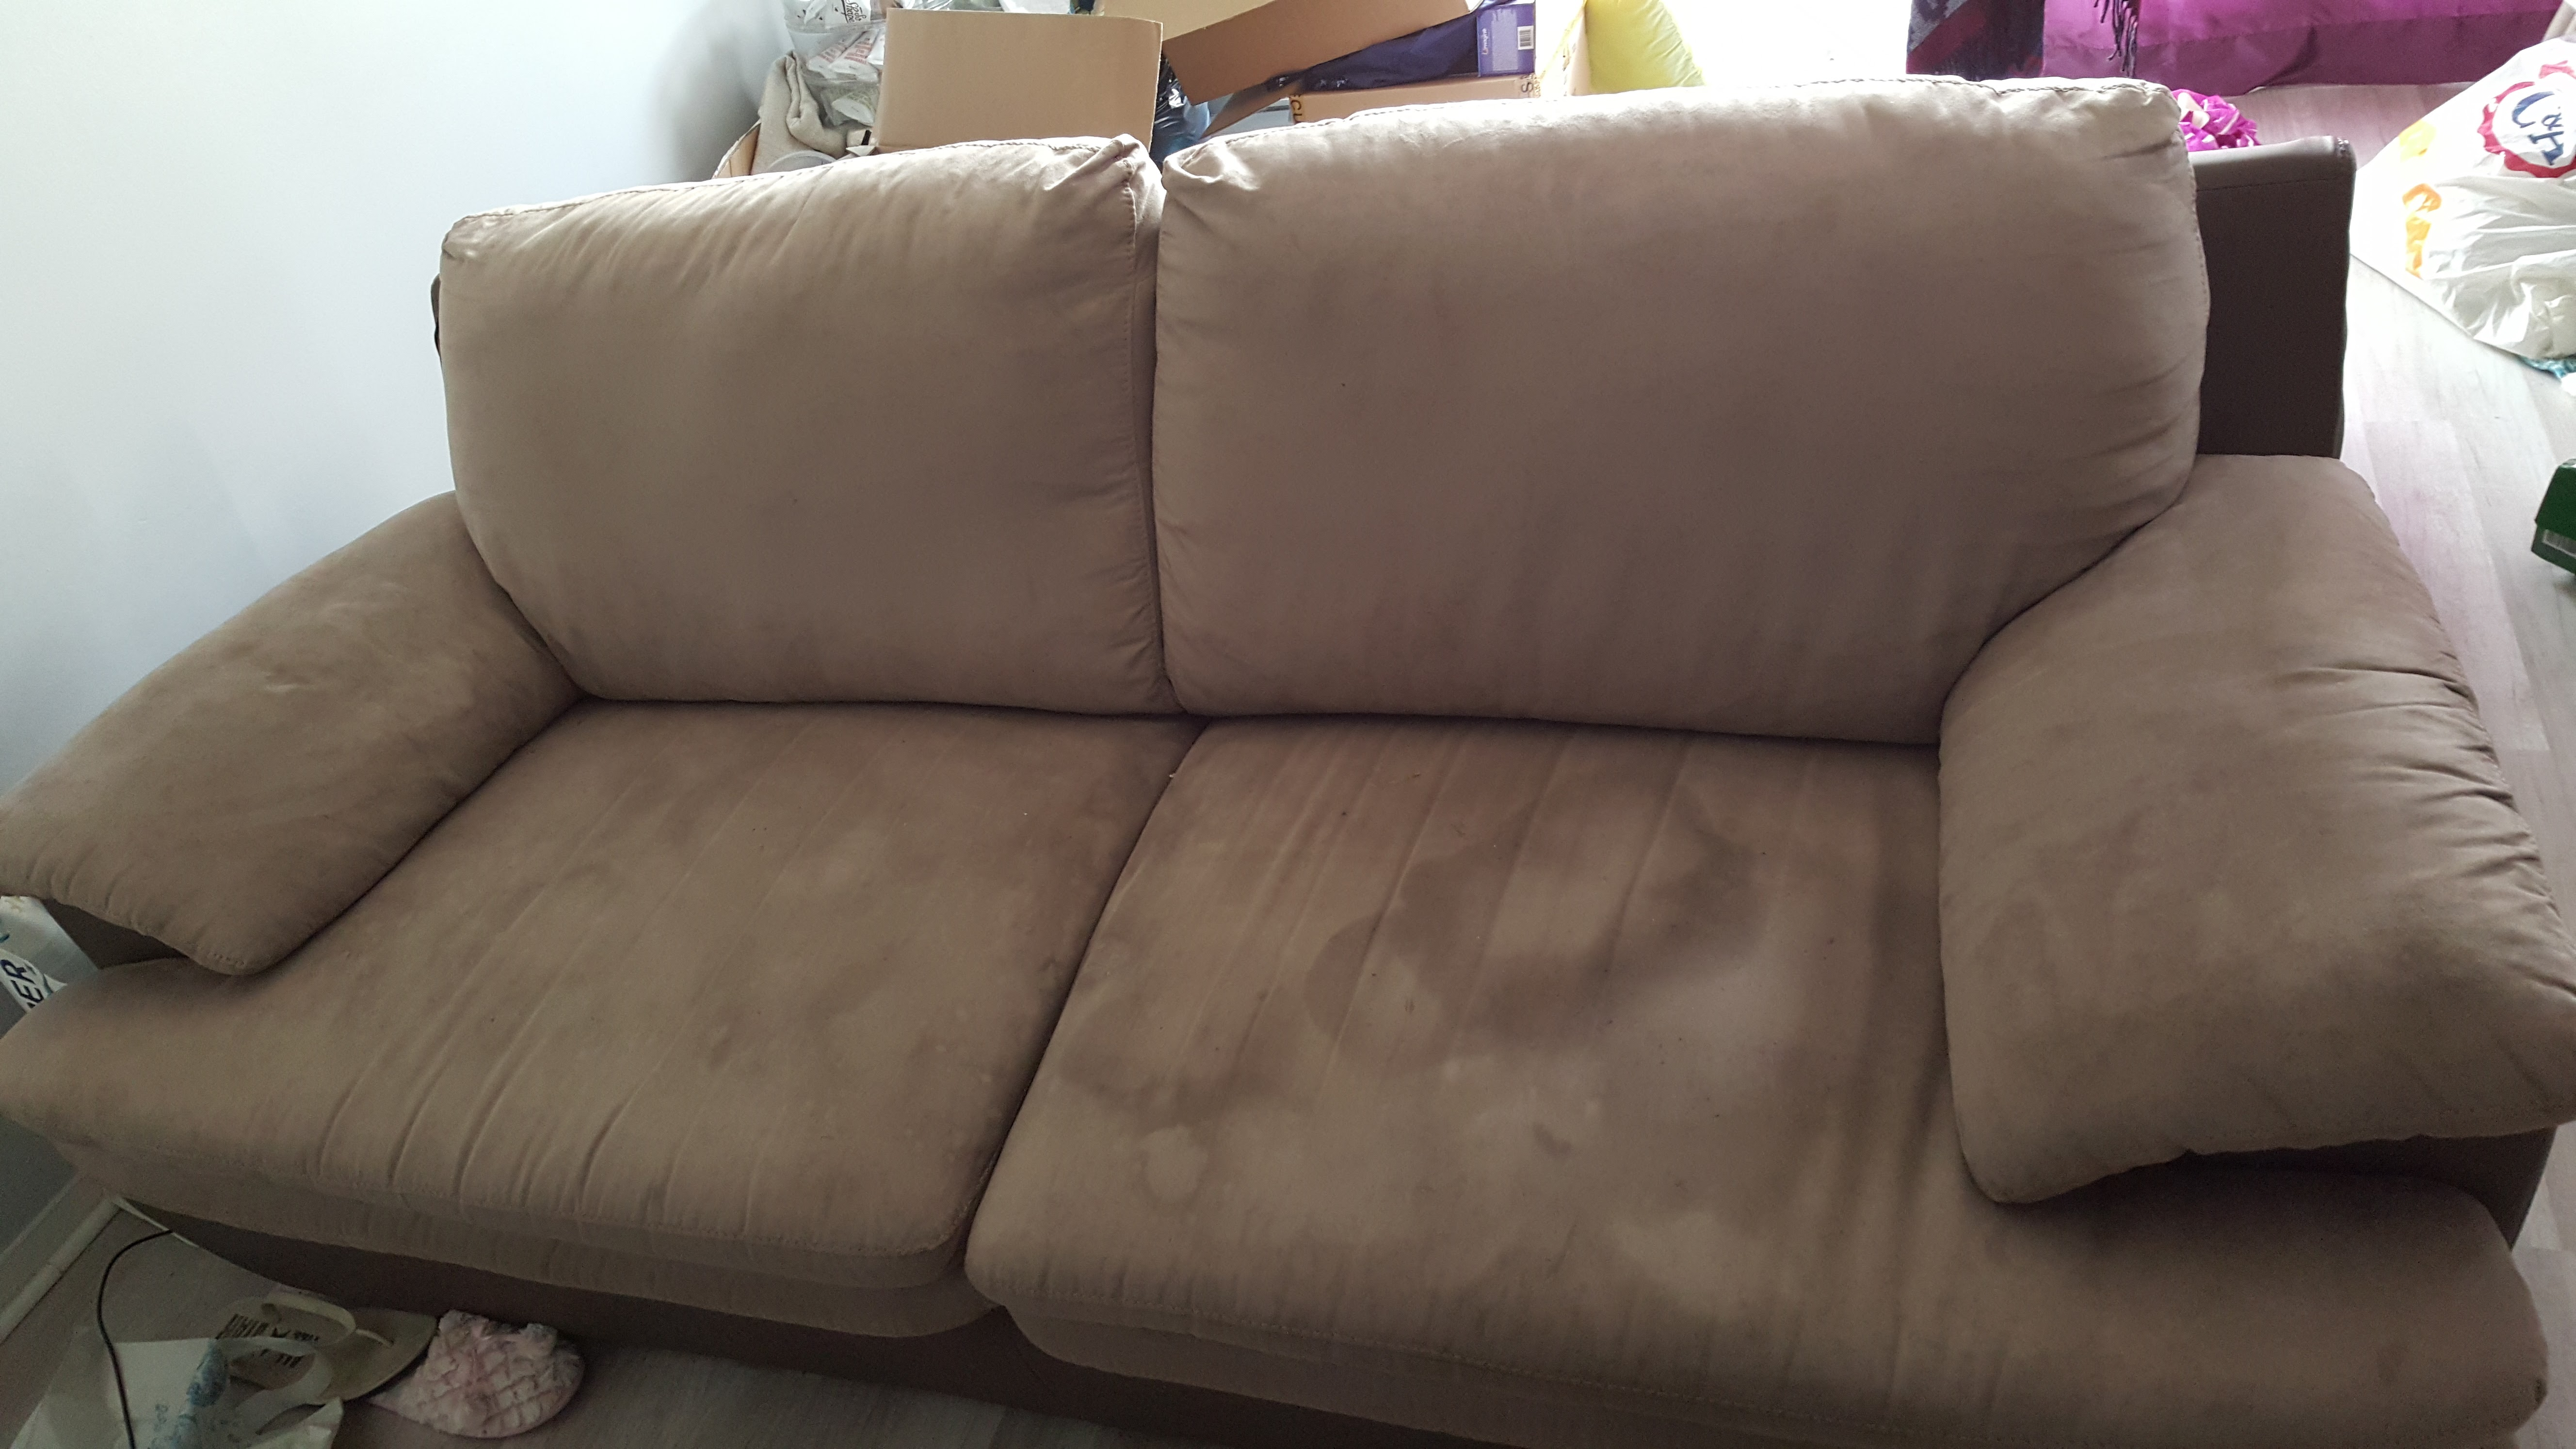 Renover un canap en tissu fabulous nettoyer un canap en - Nettoyer canape tissu vapeur ...